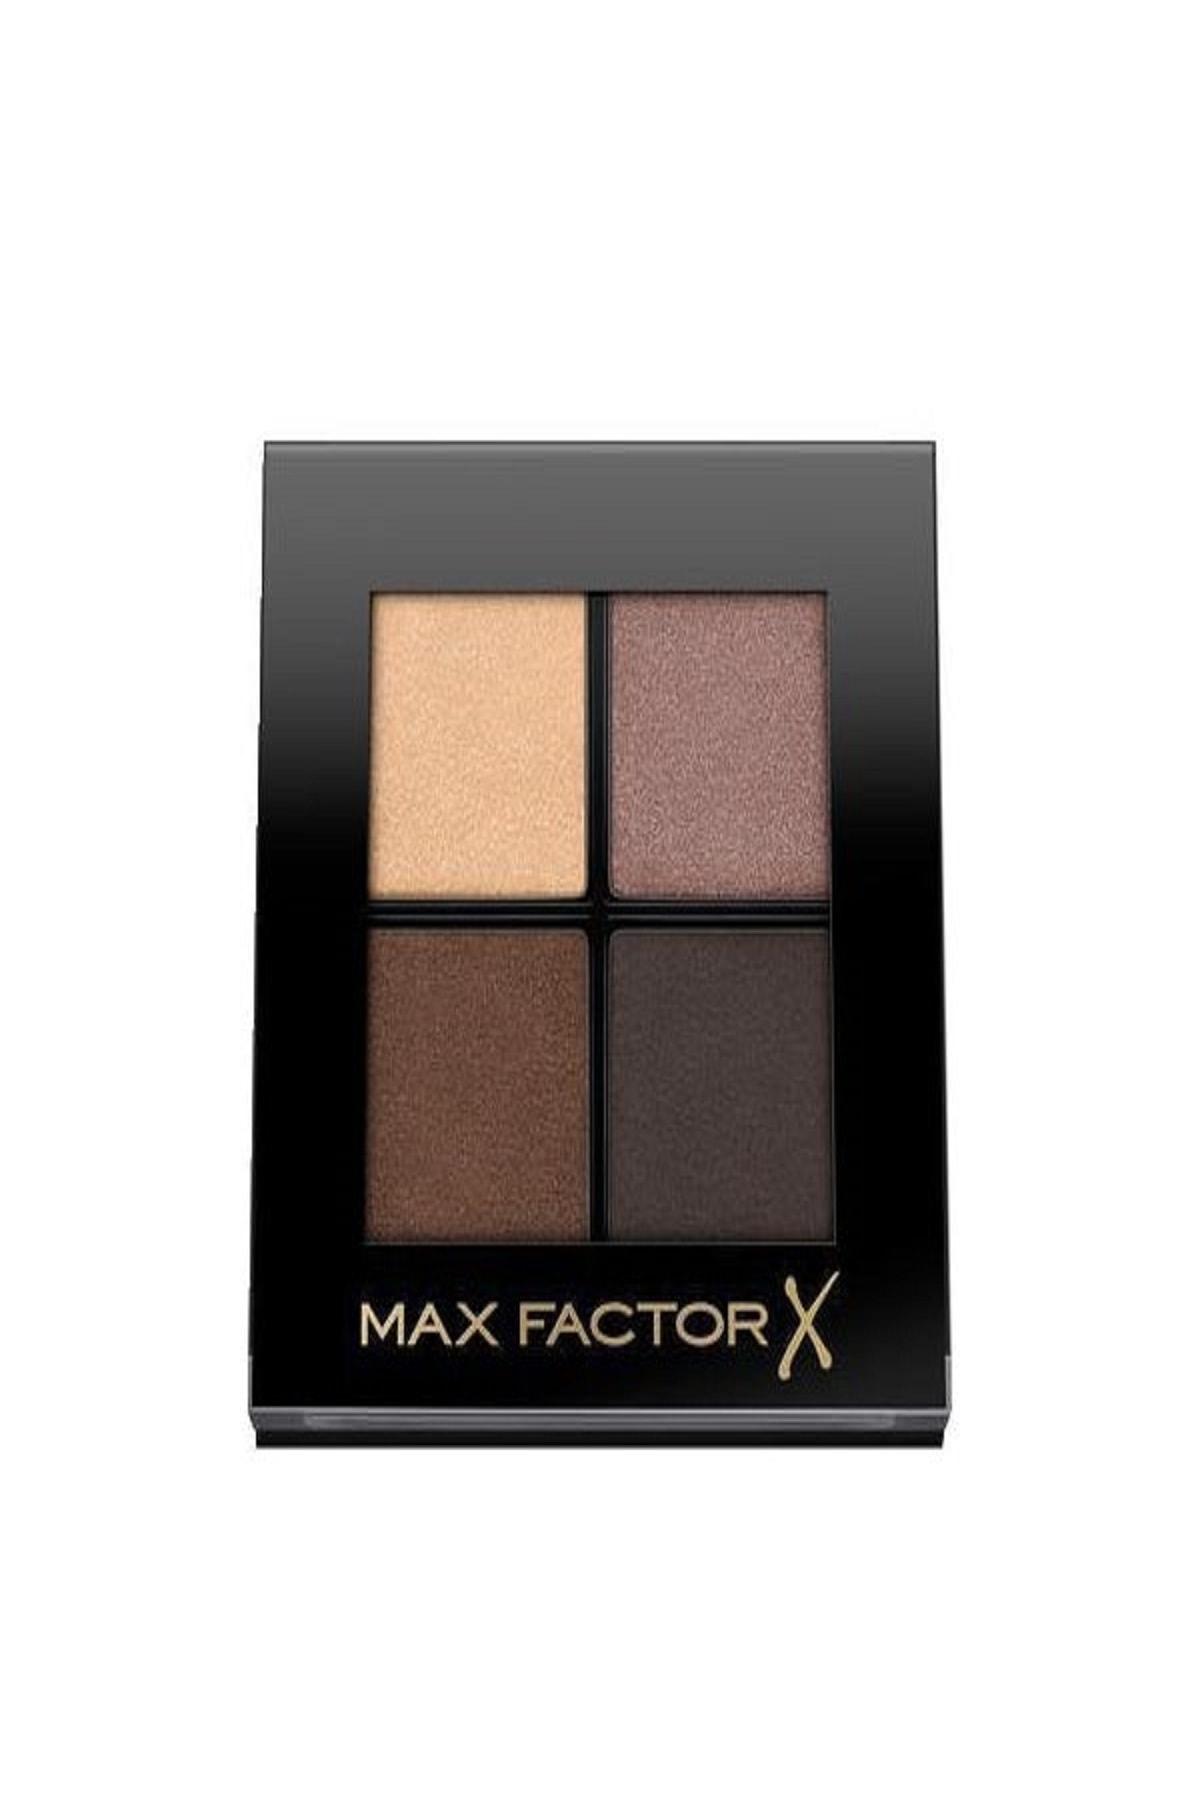 Max Factor Colour X-pert Soft Touch Palette 003 Hazy Sands 1